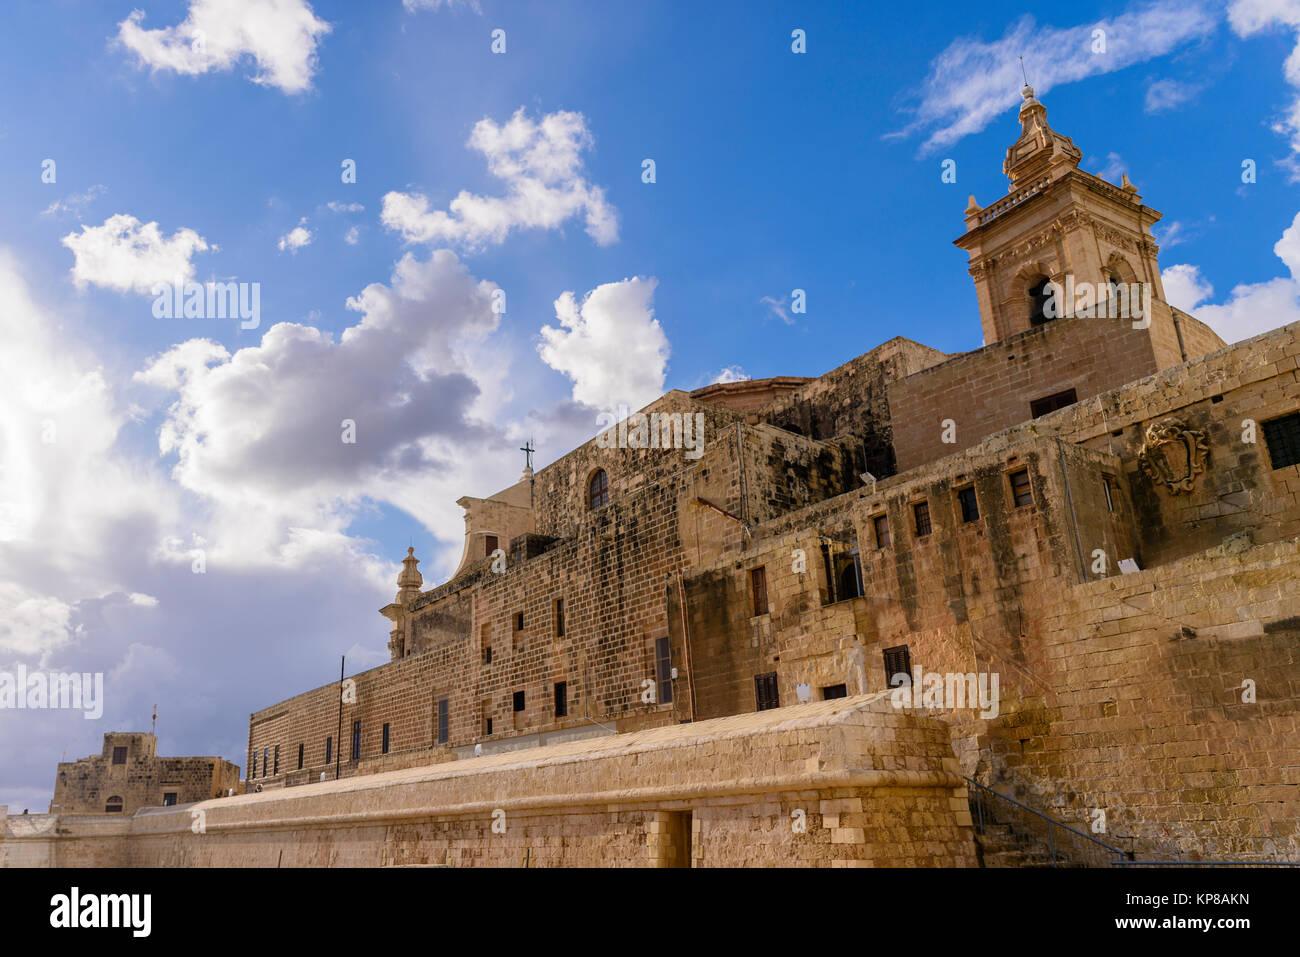 Citadella Citadel, Victoria, Gozo, Malta - Stock Image